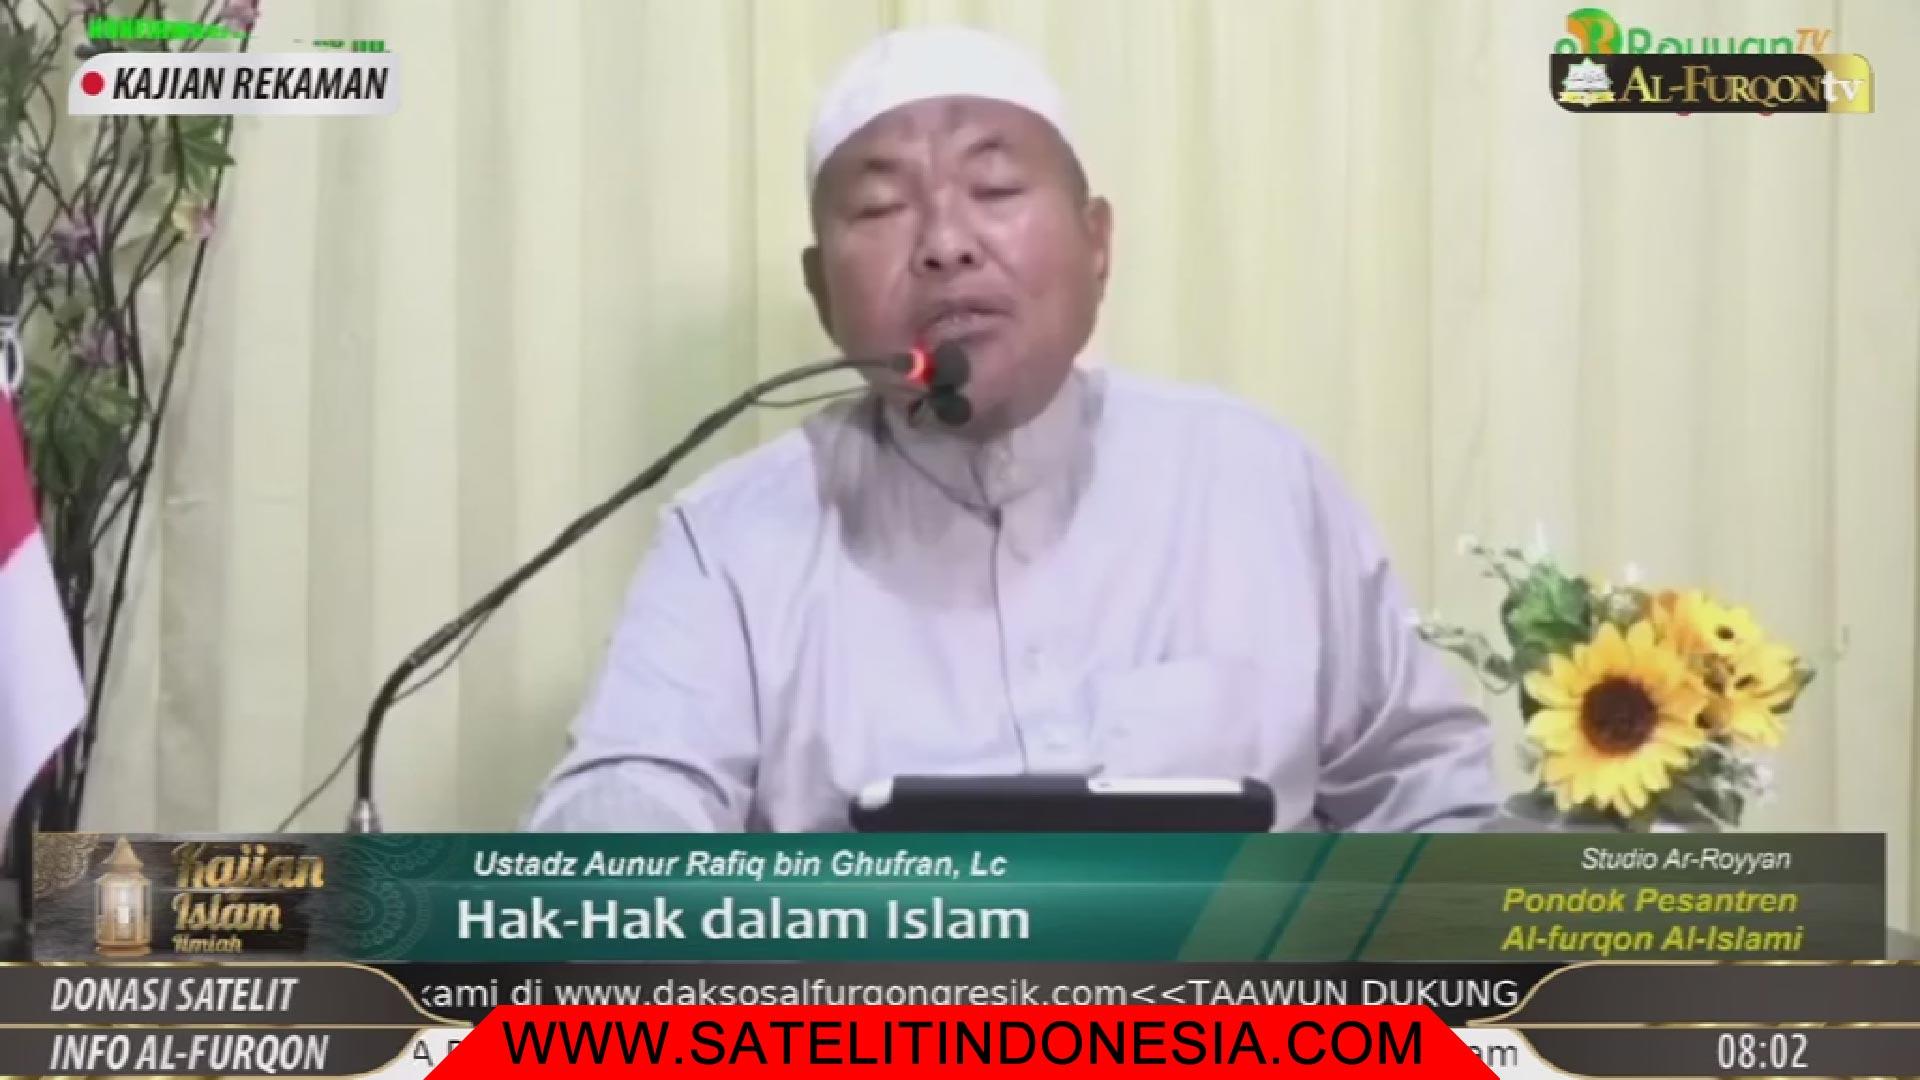 Frekuensi siaran Alfurqon TV di satelit Telkom 4 Terbaru